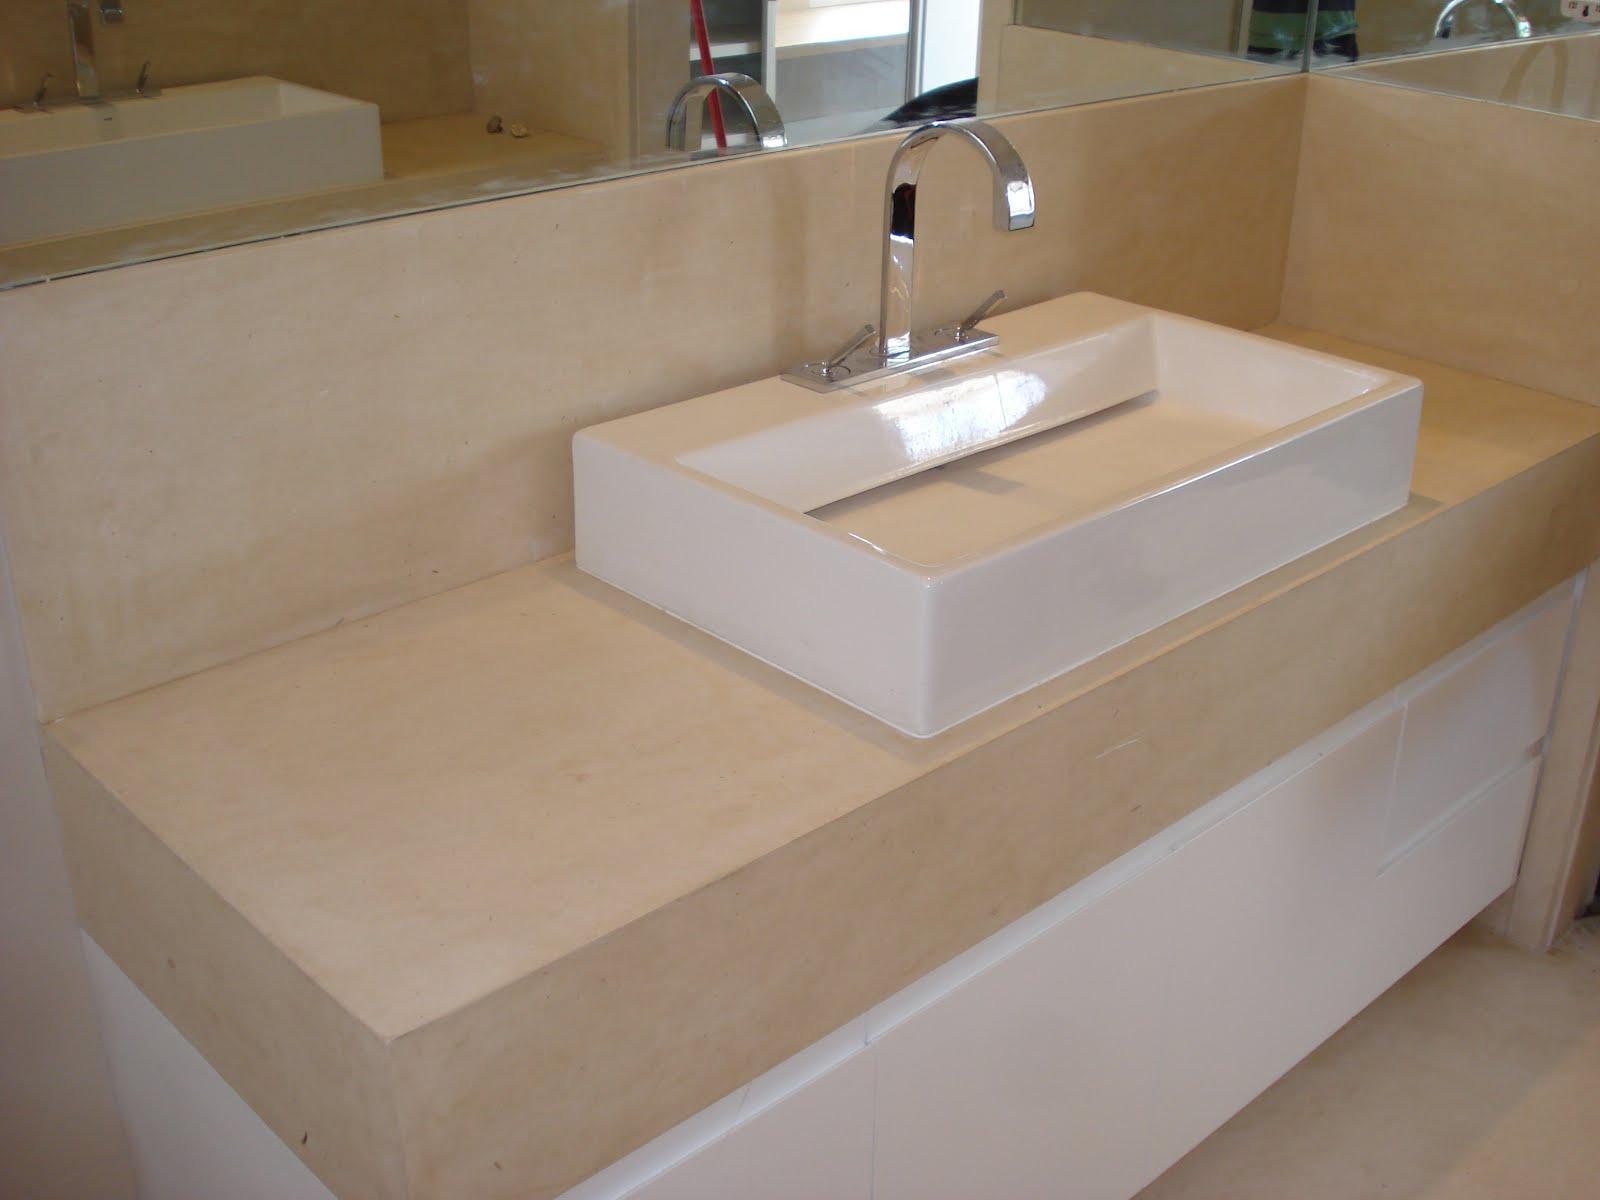 PISO LAVATORIO NIXOS DO BOX BANHEIROS MARMORE TRAVERTINO BRUTO  #614A2D 1600x1200 Banheiro Com Box De Marmore